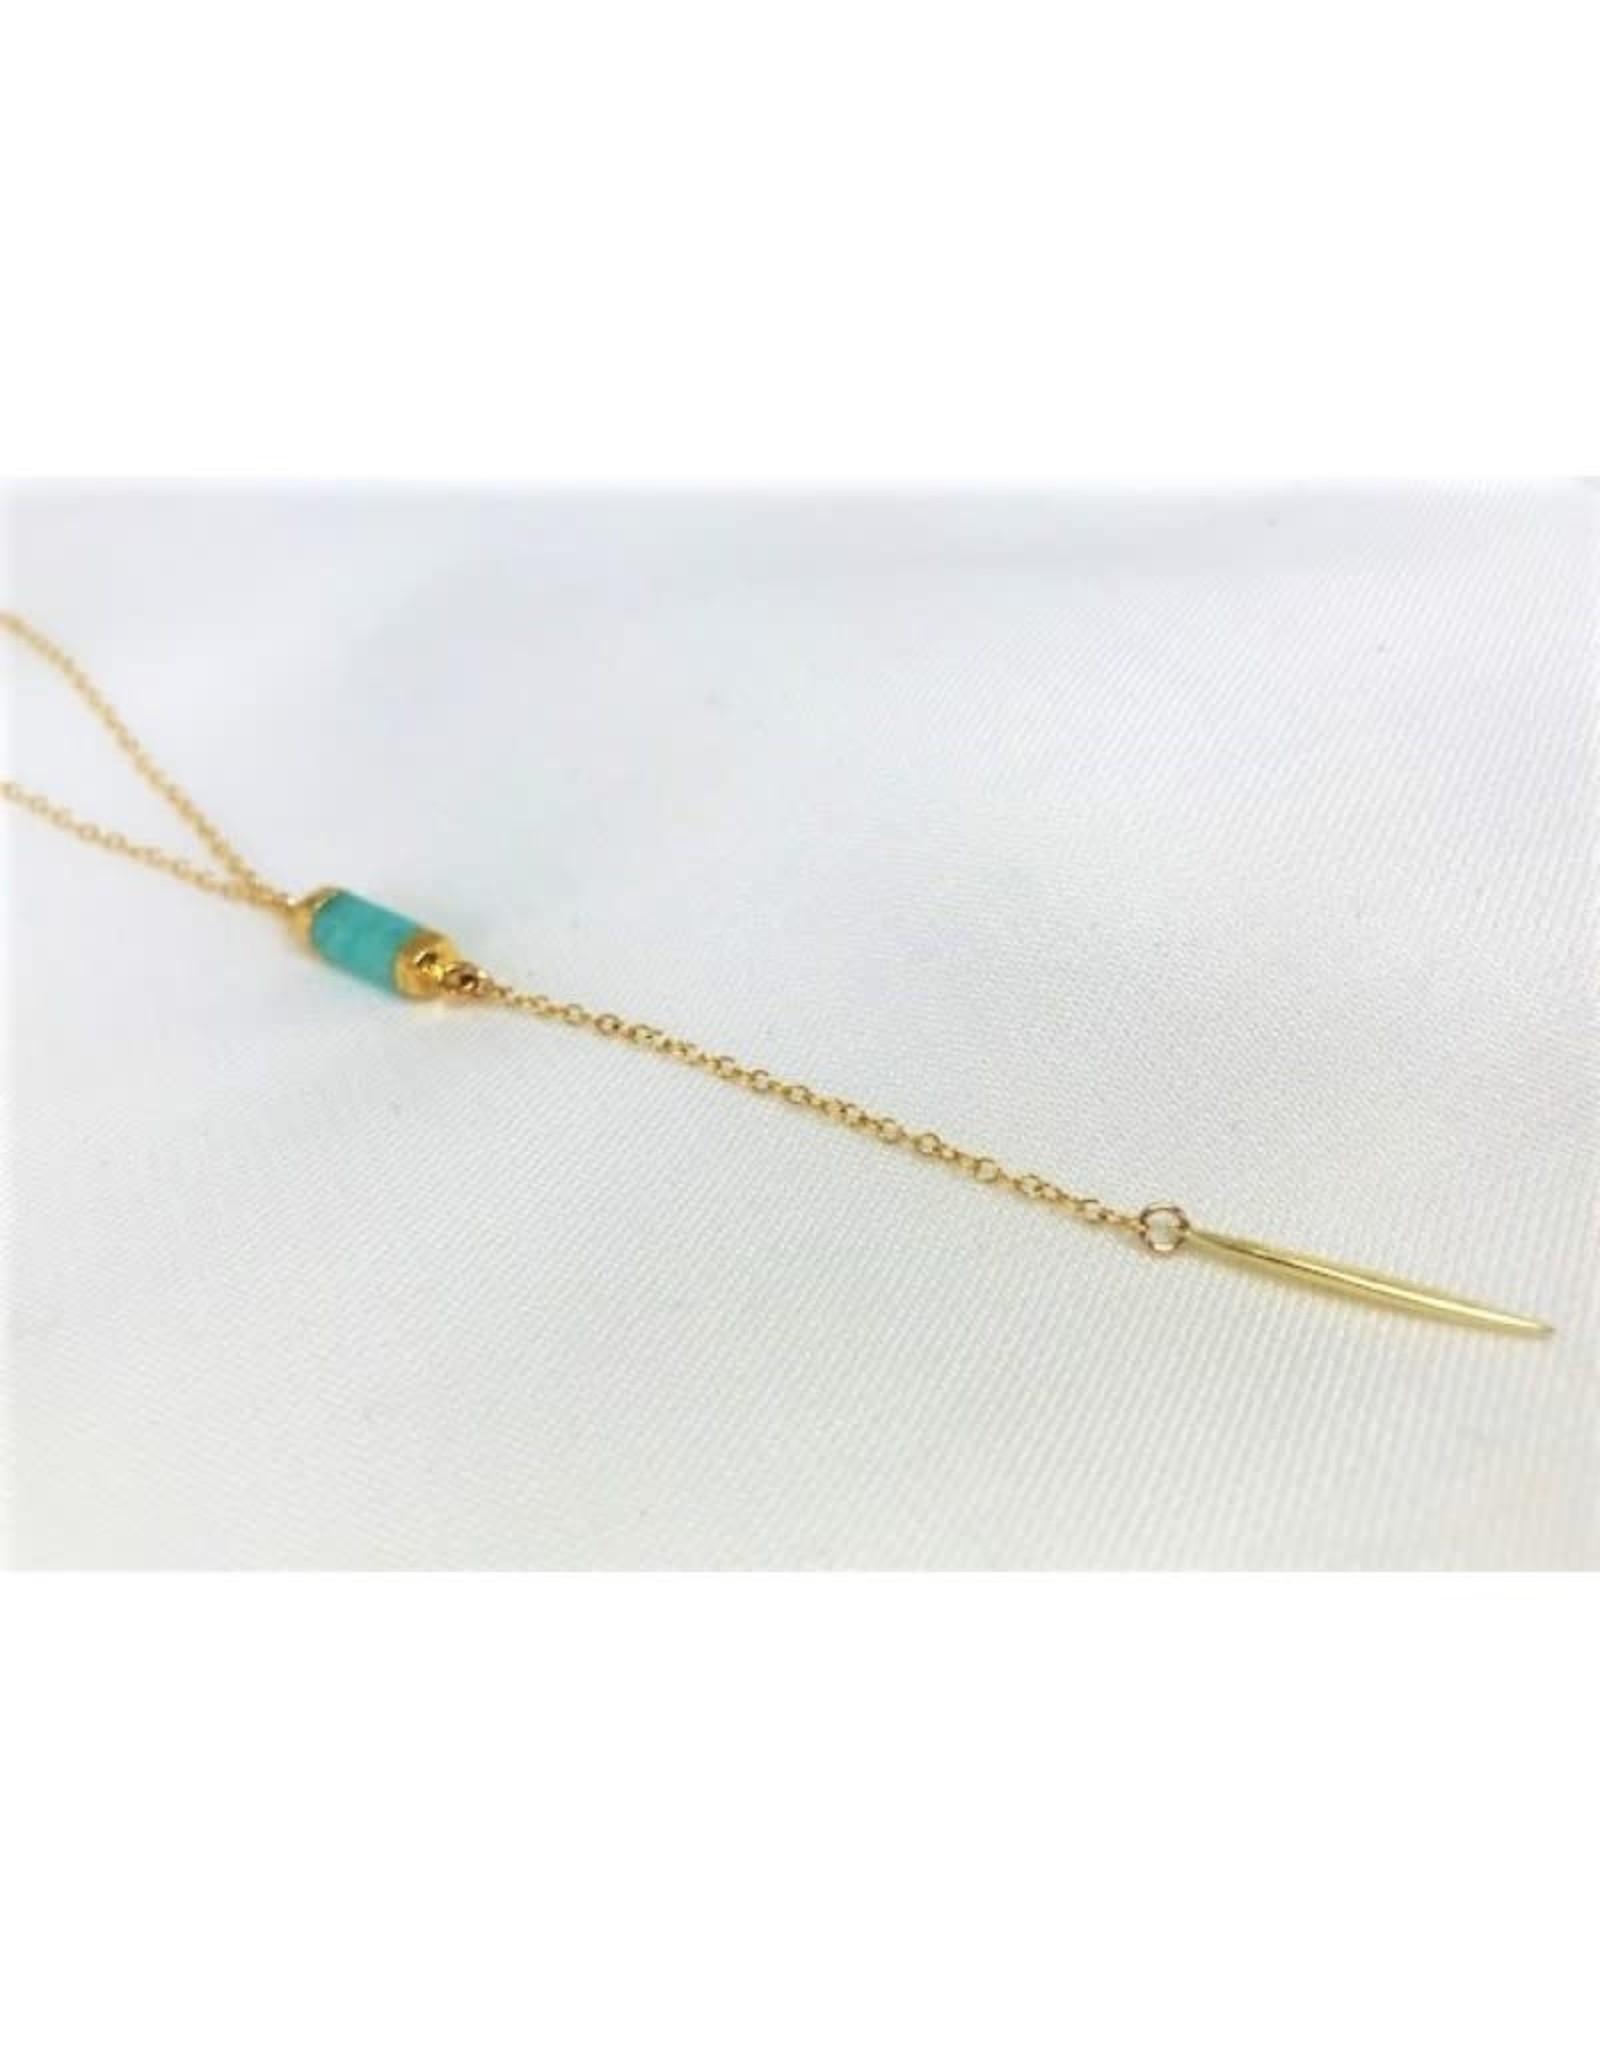 Lariat Necklace - Amazonite